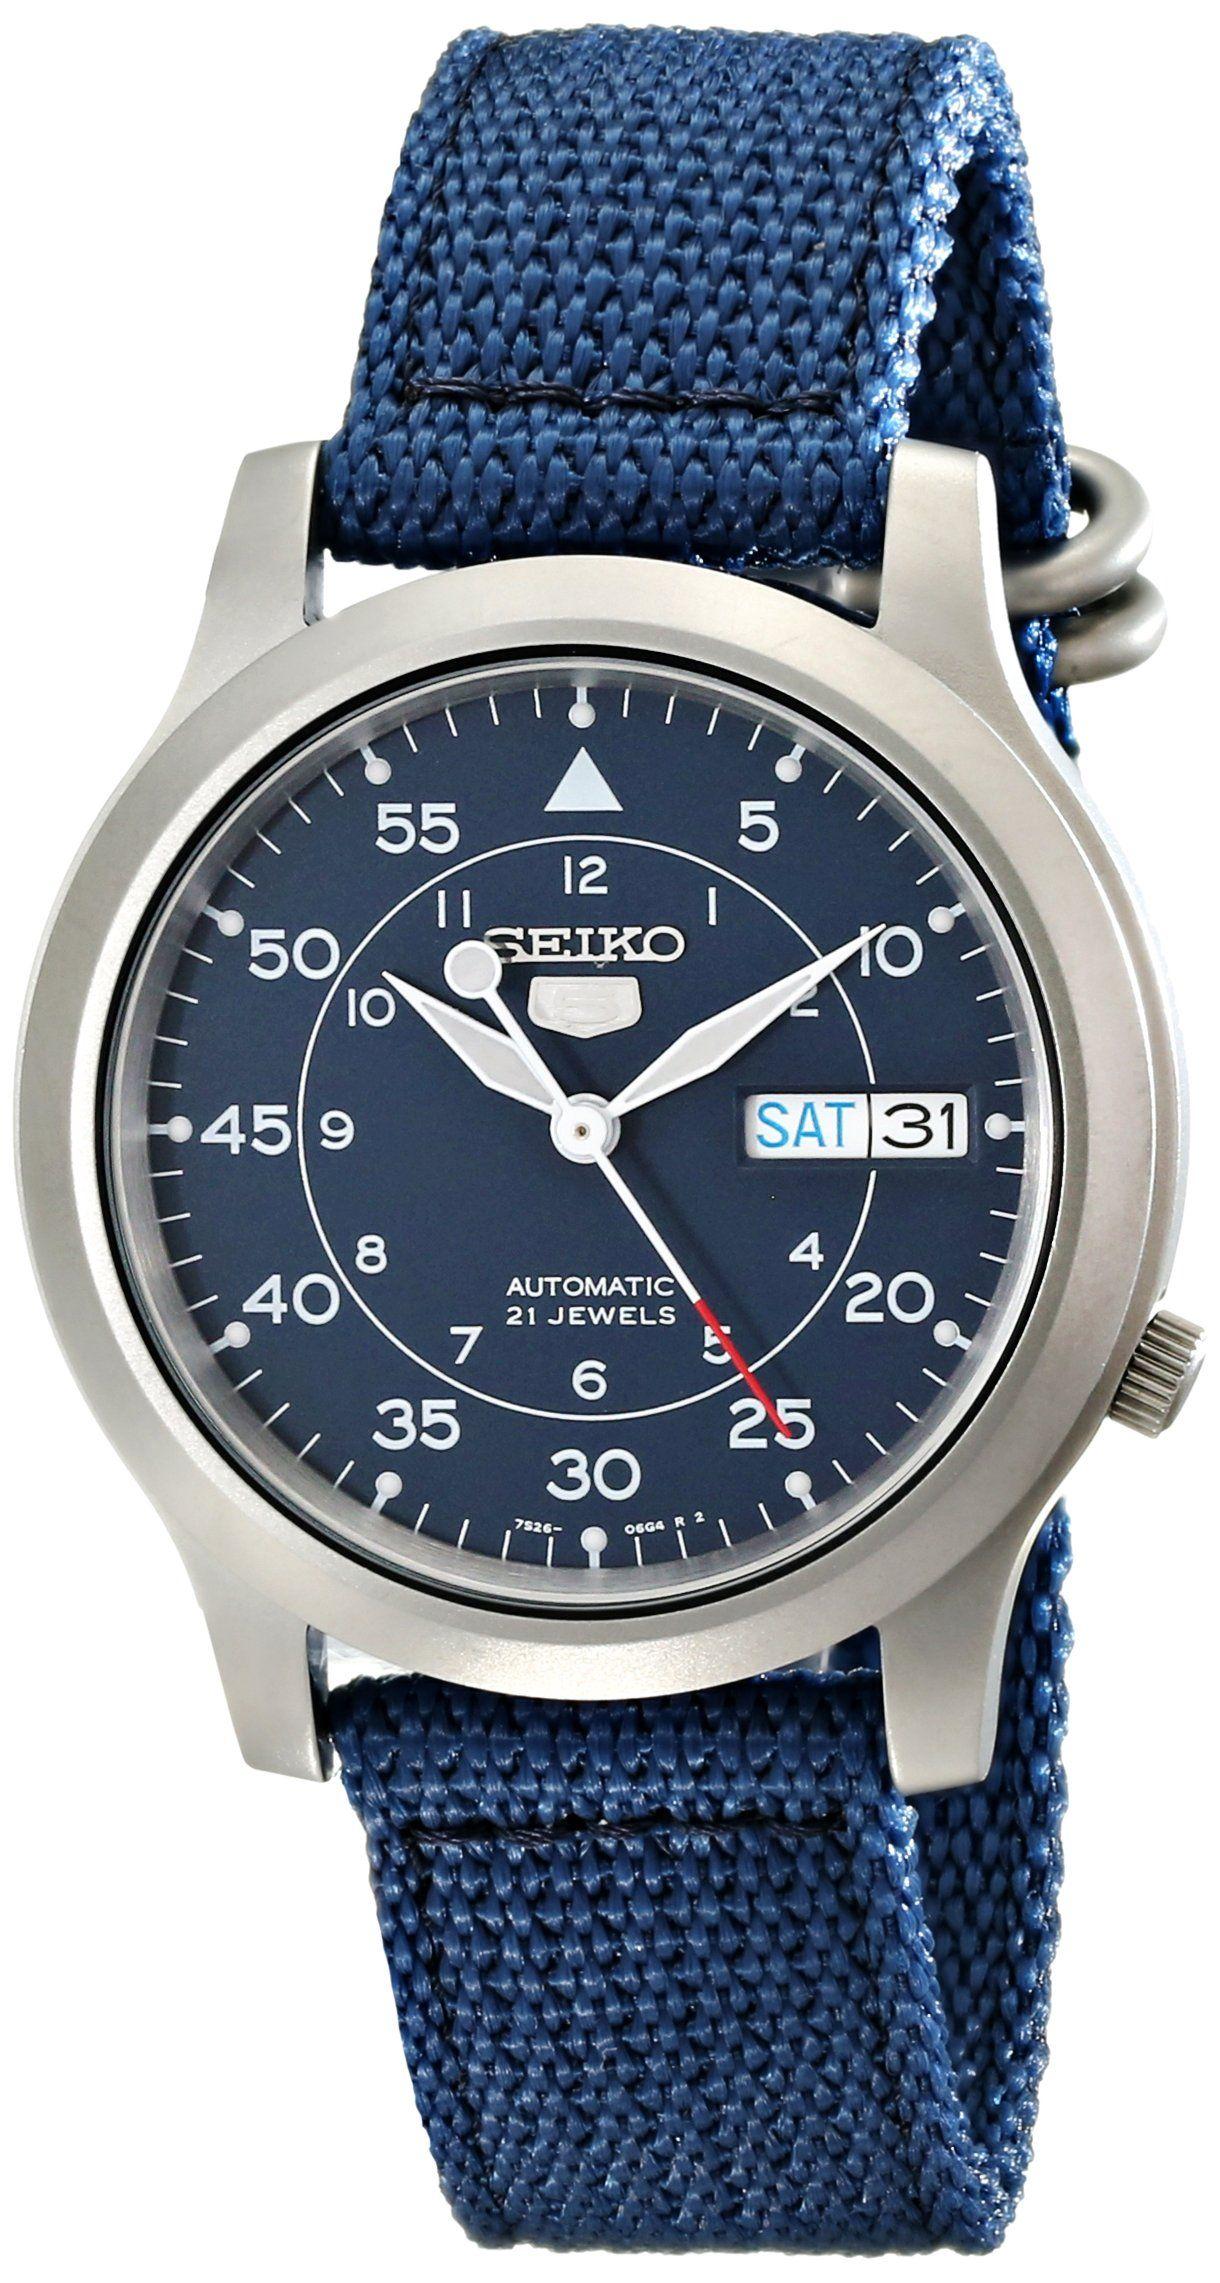 Seiko Reloj Snk807k2 Azul Seiko Amazon Es Relojes